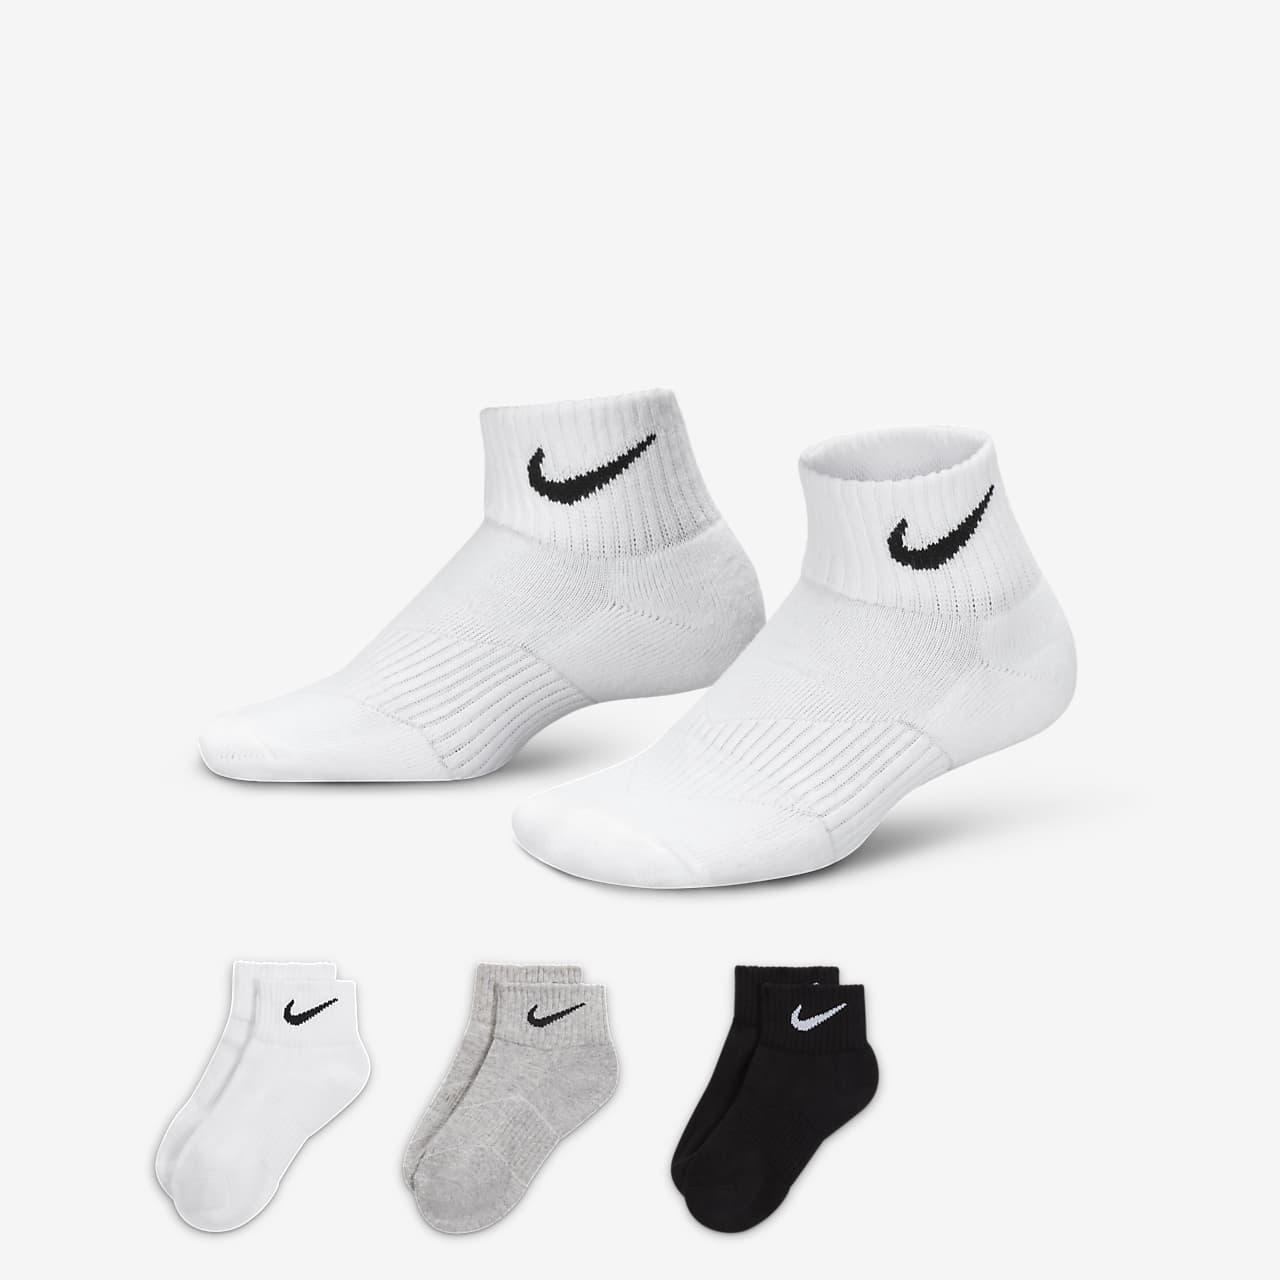 Meias Nike Performance Cushion Quarter Júnior (3 pares)